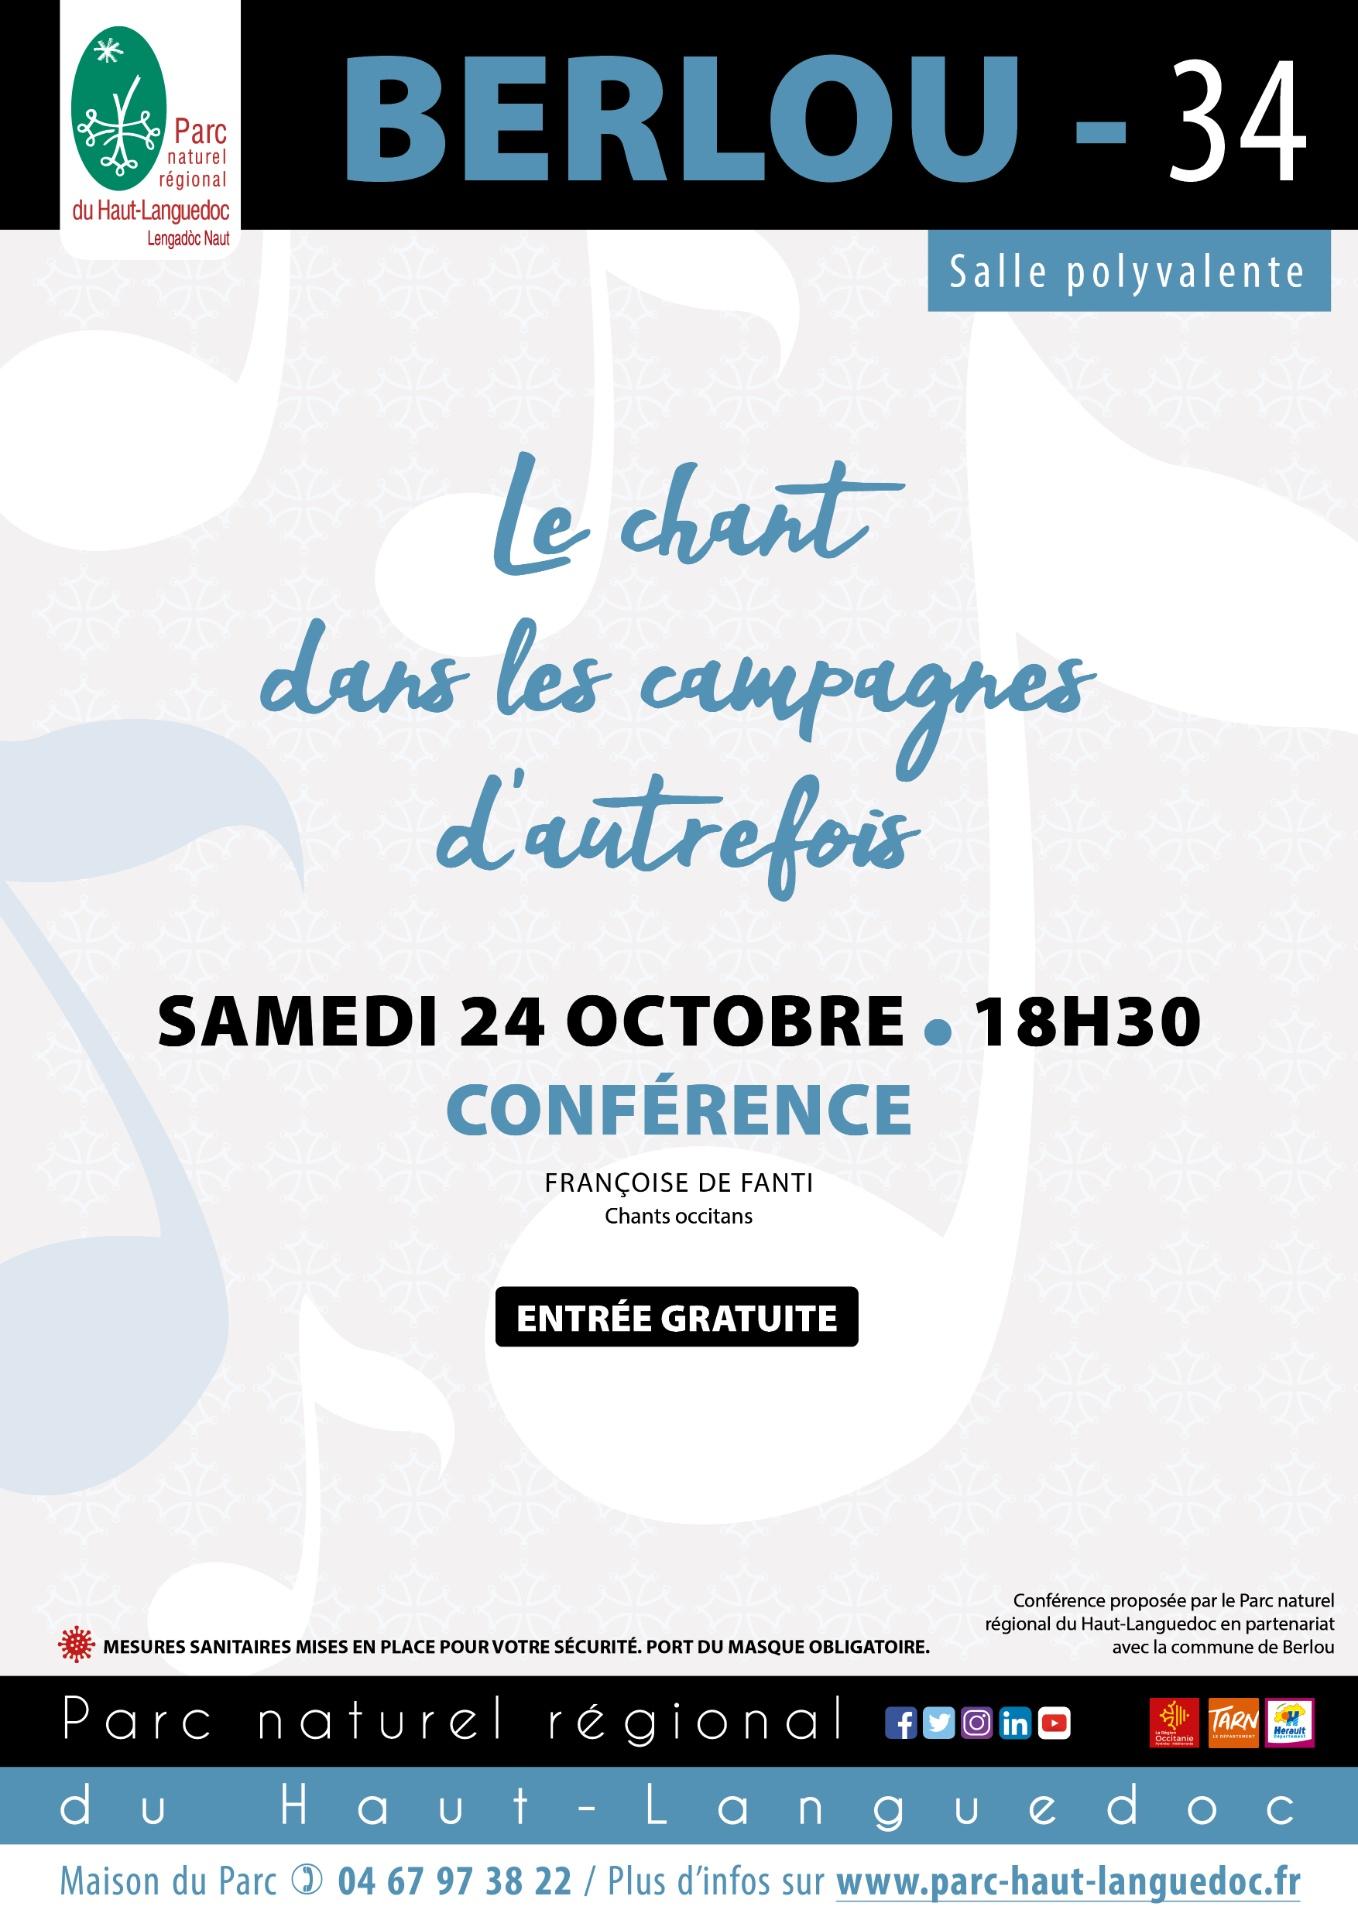 Affiche Le Chant dans les campagnes du le Haut-Languedoc